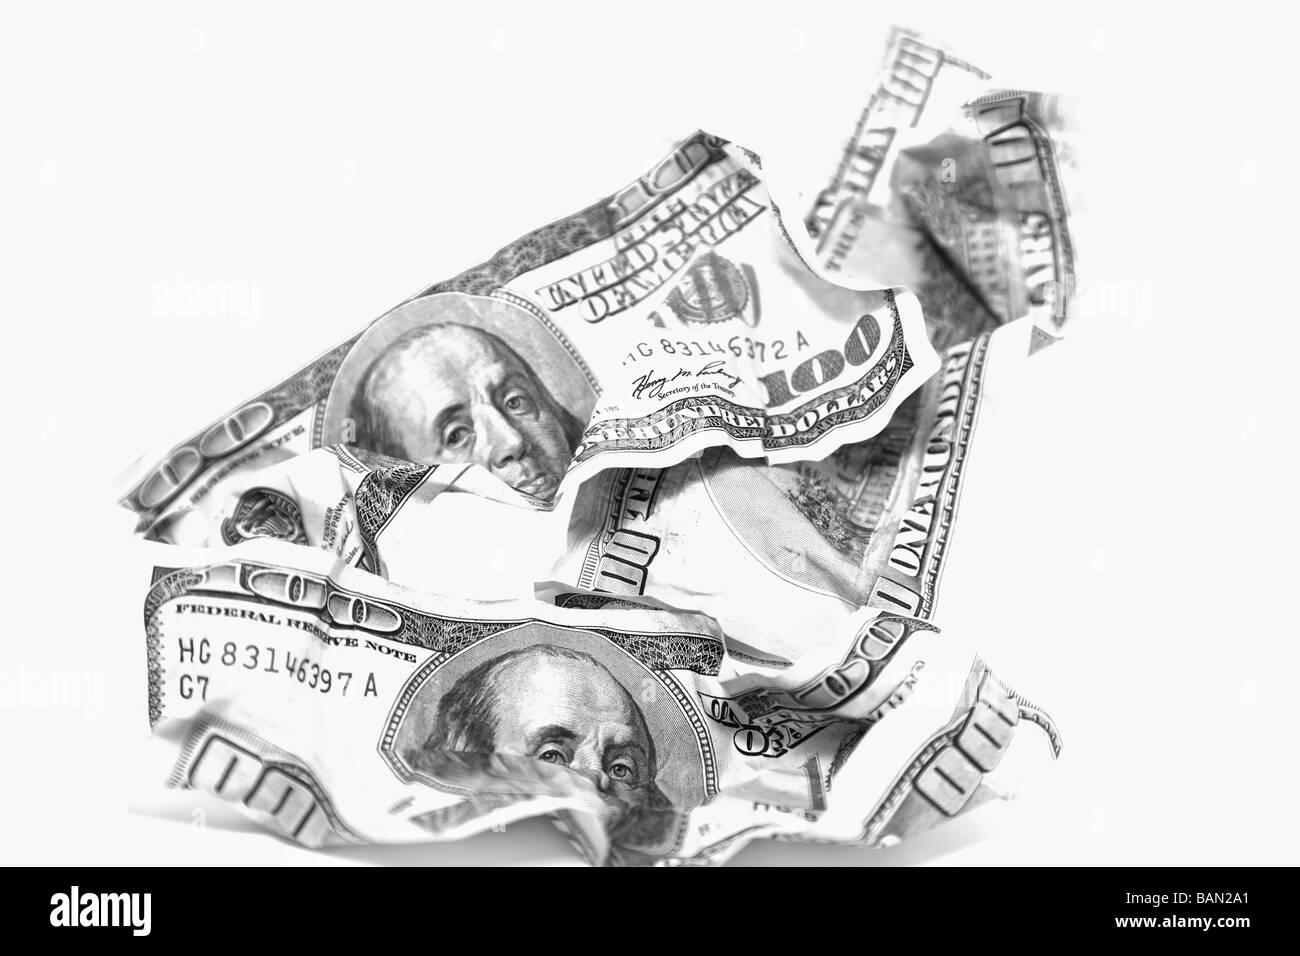 Dólares contra el fondo blanco. Imagen De Stock